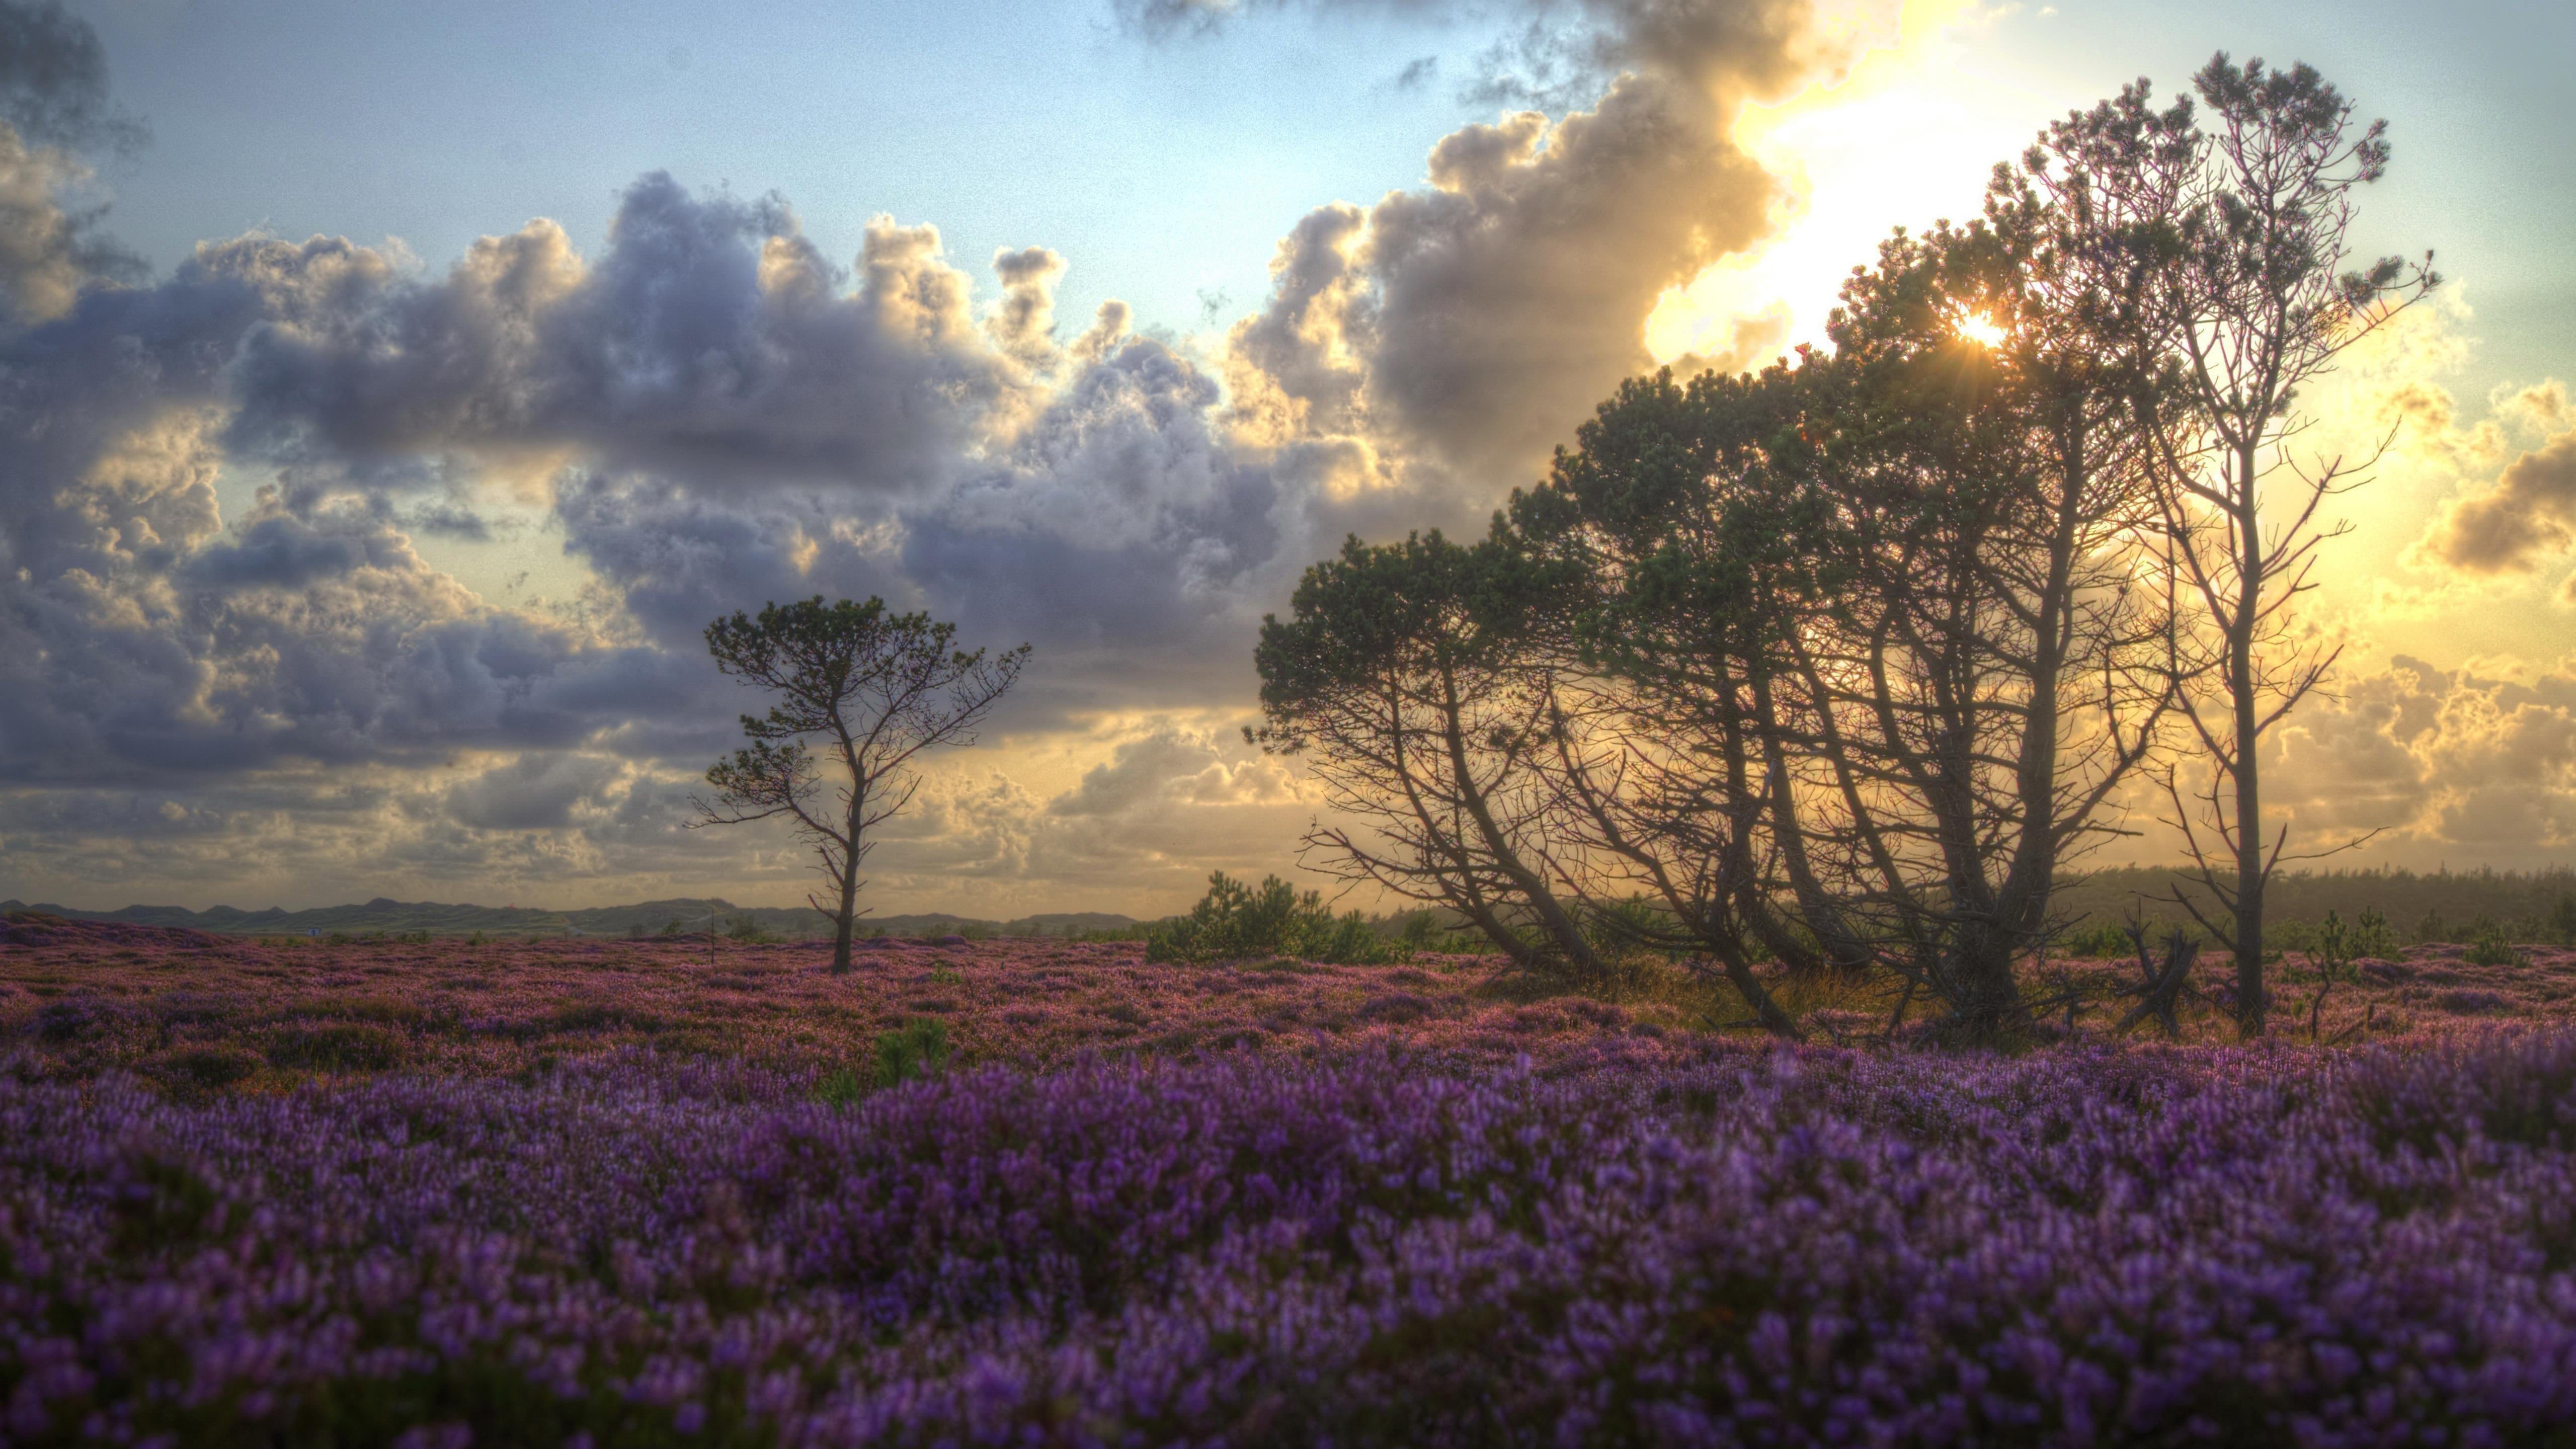 Солнце проходит сквозь зеленые деревья под пурпурным полем с облаками природа обои скачать